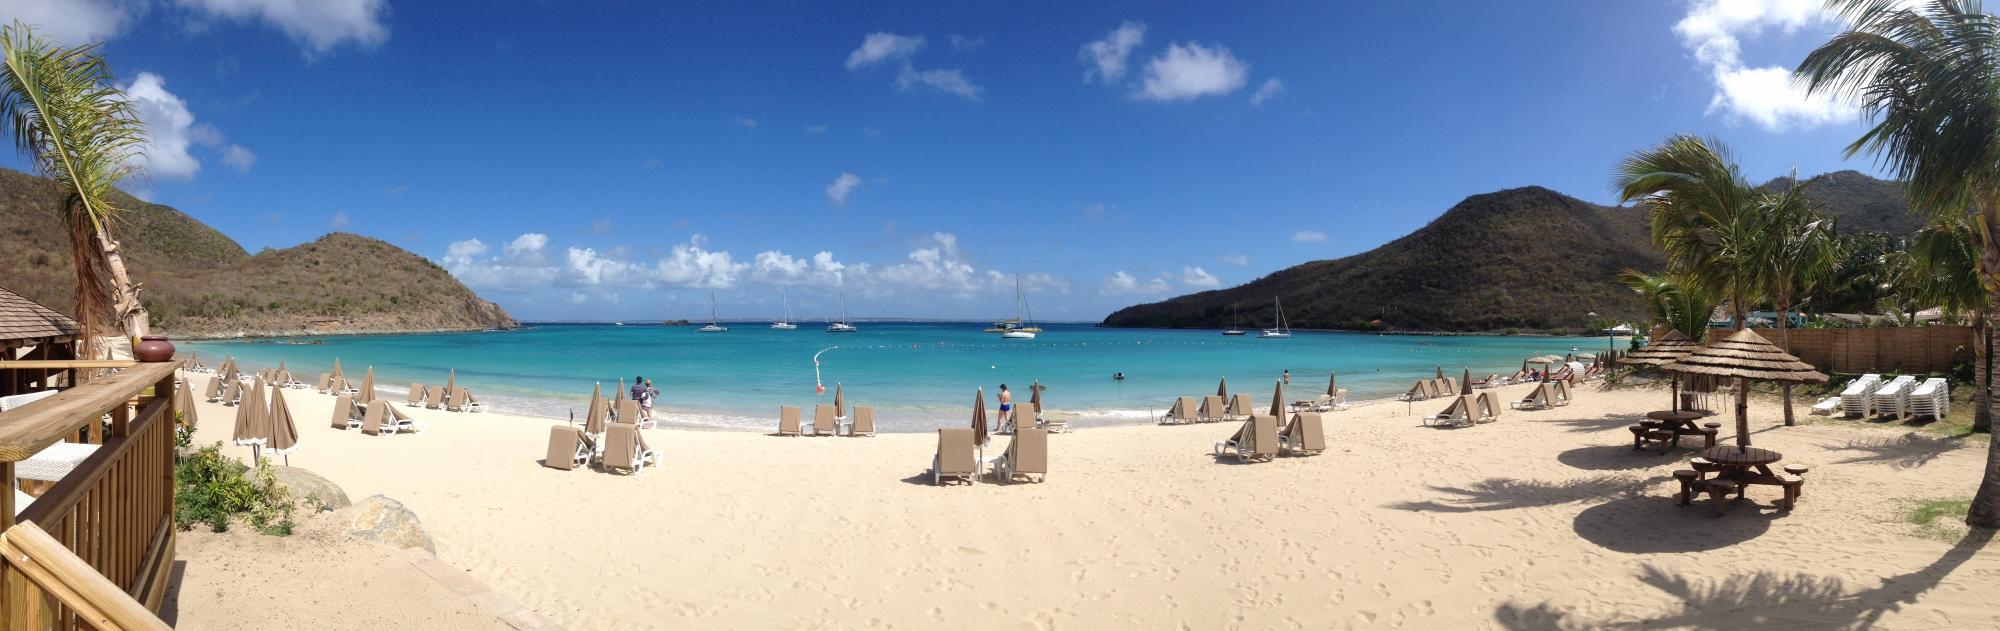 anse-marcel-beach